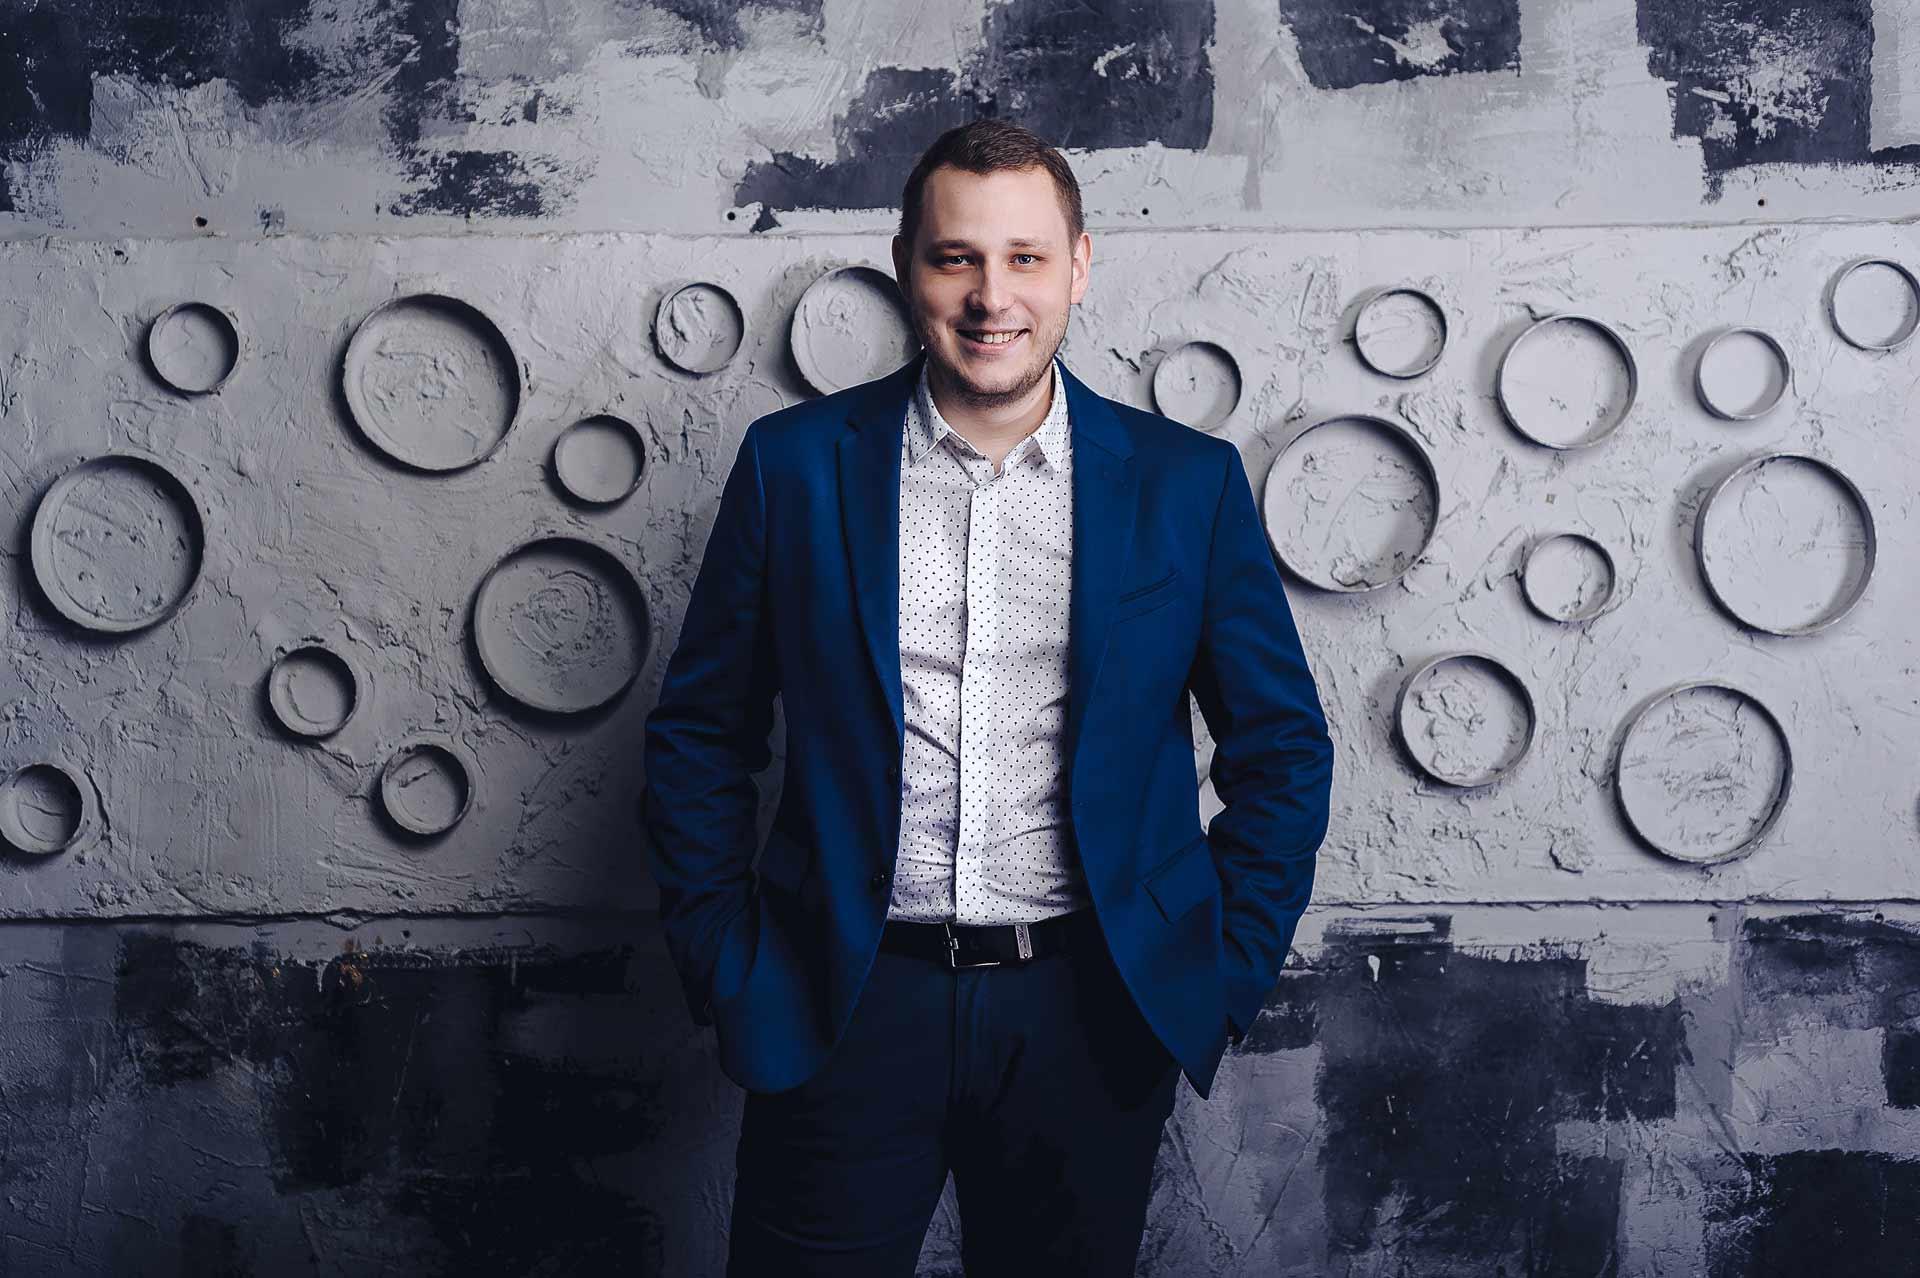 Александр Воронков - финансовый эксперт, международный инвестор, управляющий активами на сумму более $ 1 000 000